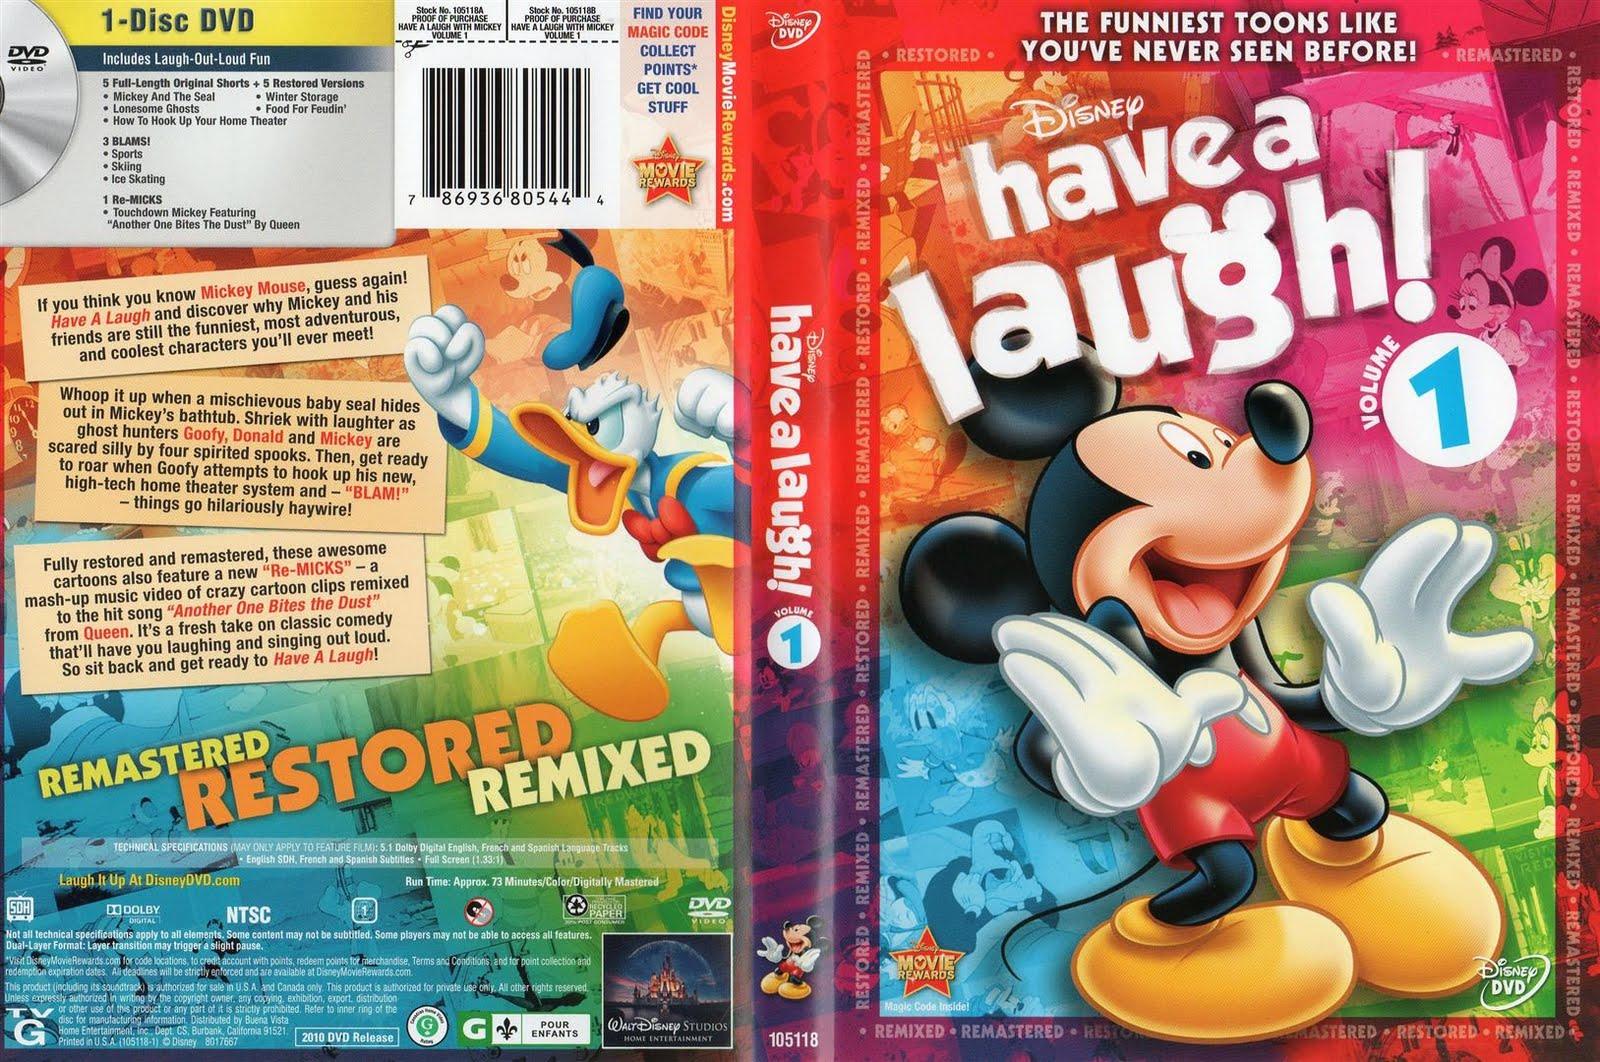 http://1.bp.blogspot.com/_PdyBoYtAb6k/TMYVZ44xVDI/AAAAAAAAN6M/VcUSyT0T438/s1600/Disney_Have_A_Laugh_Volumenn_1.jpg